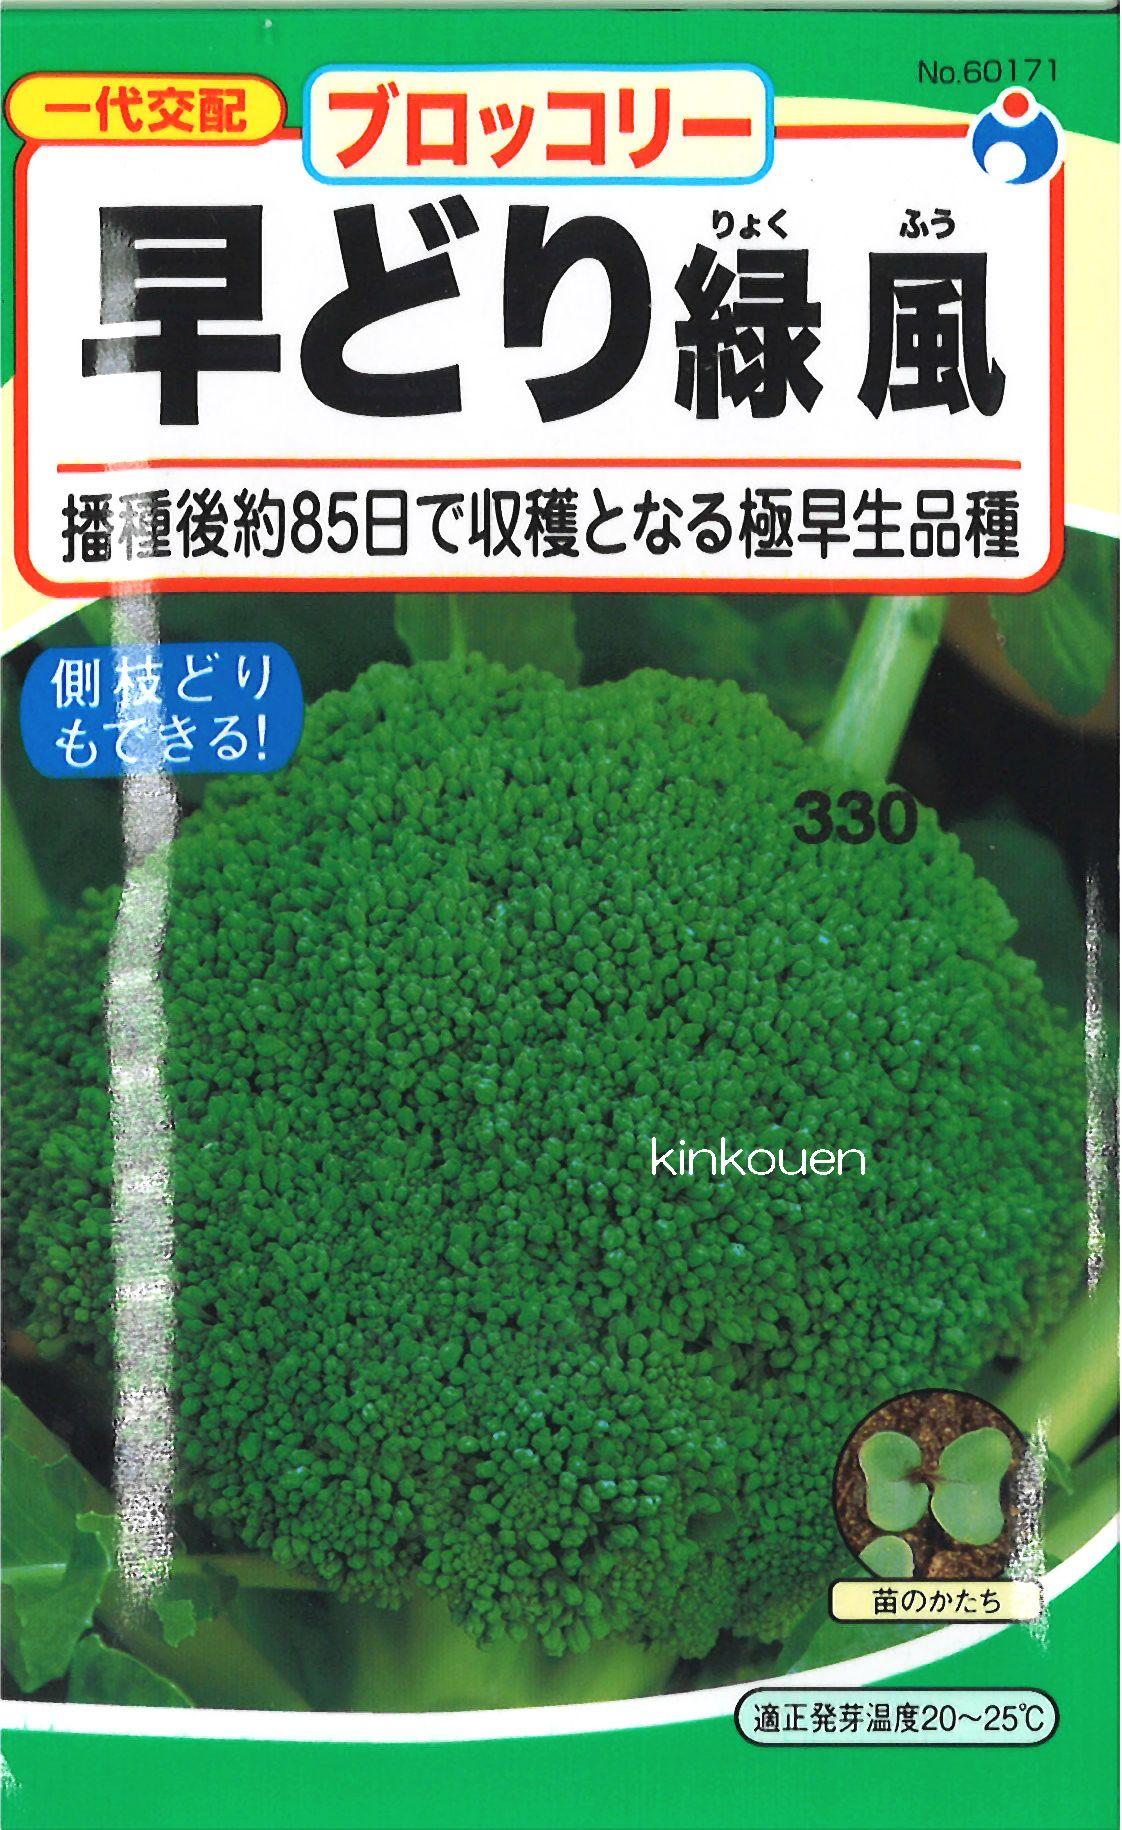 【代引不可】【5袋まで送料80円】□早どり緑風ブロッコリー